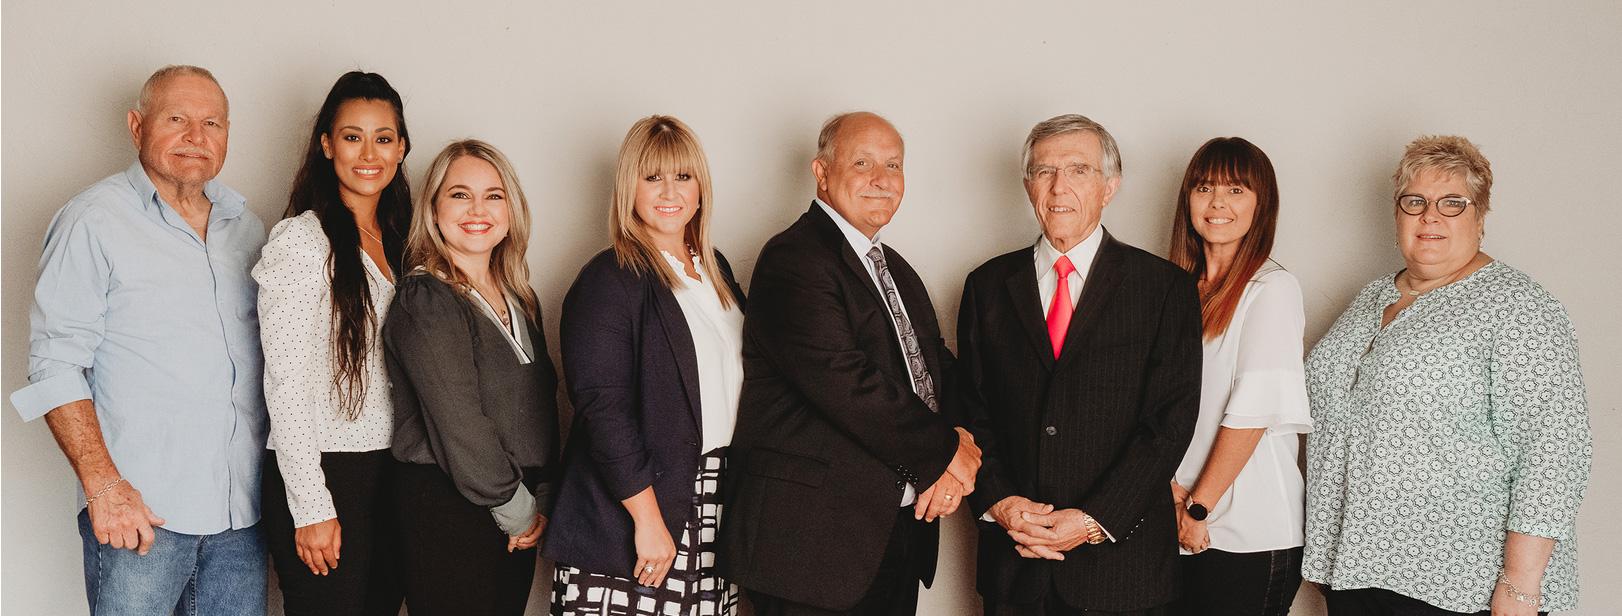 Holloway, Dobson & Bachman, PLLC - Oklahoma City